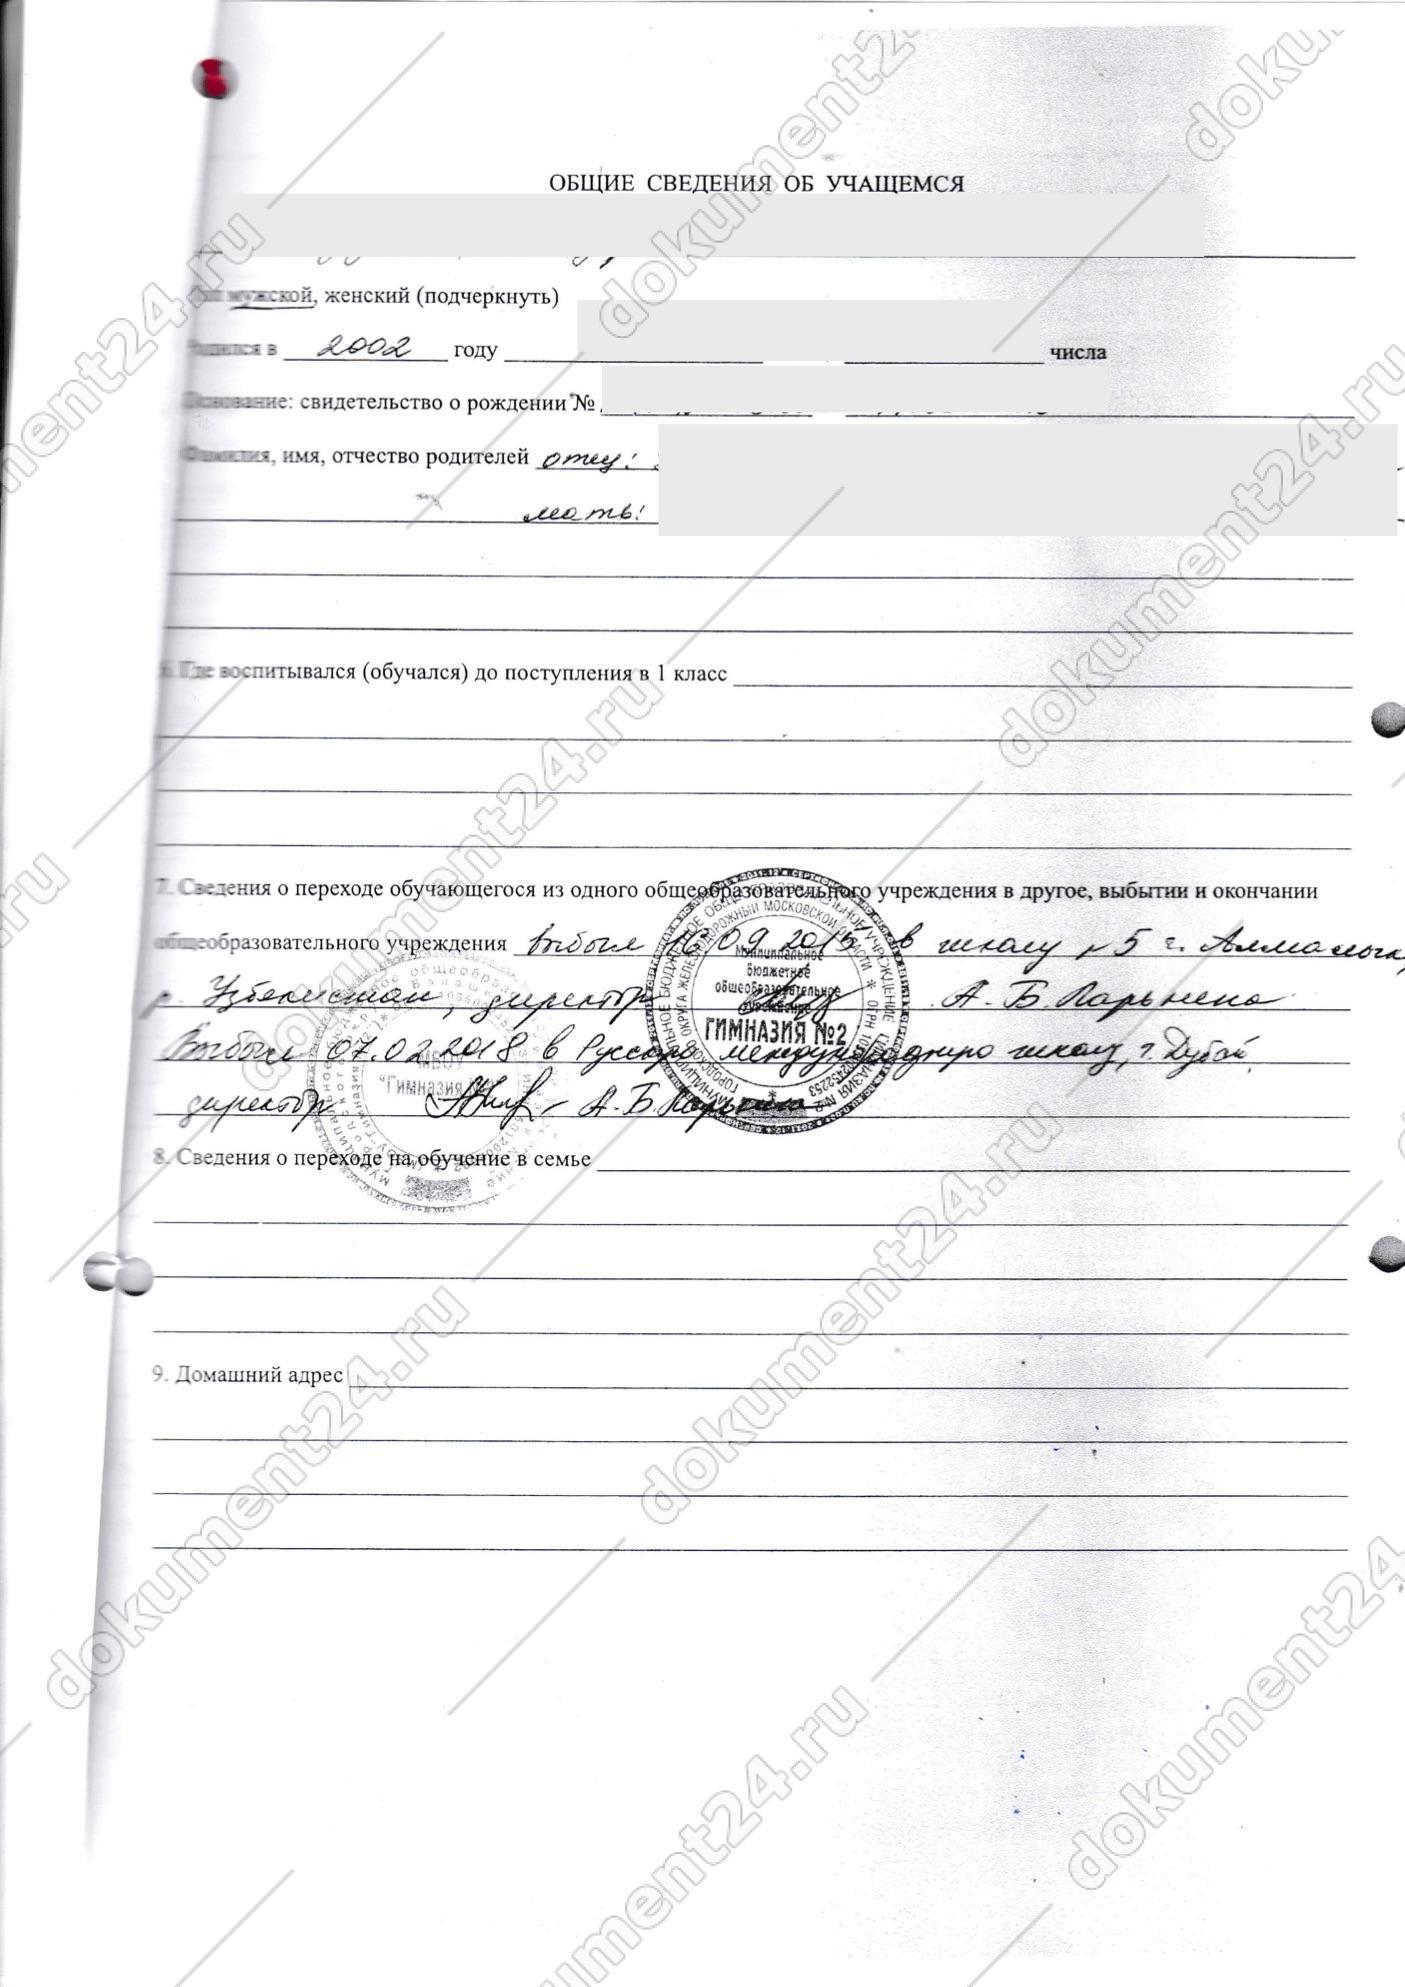 нотариально заверенная копия личного дела оаэ